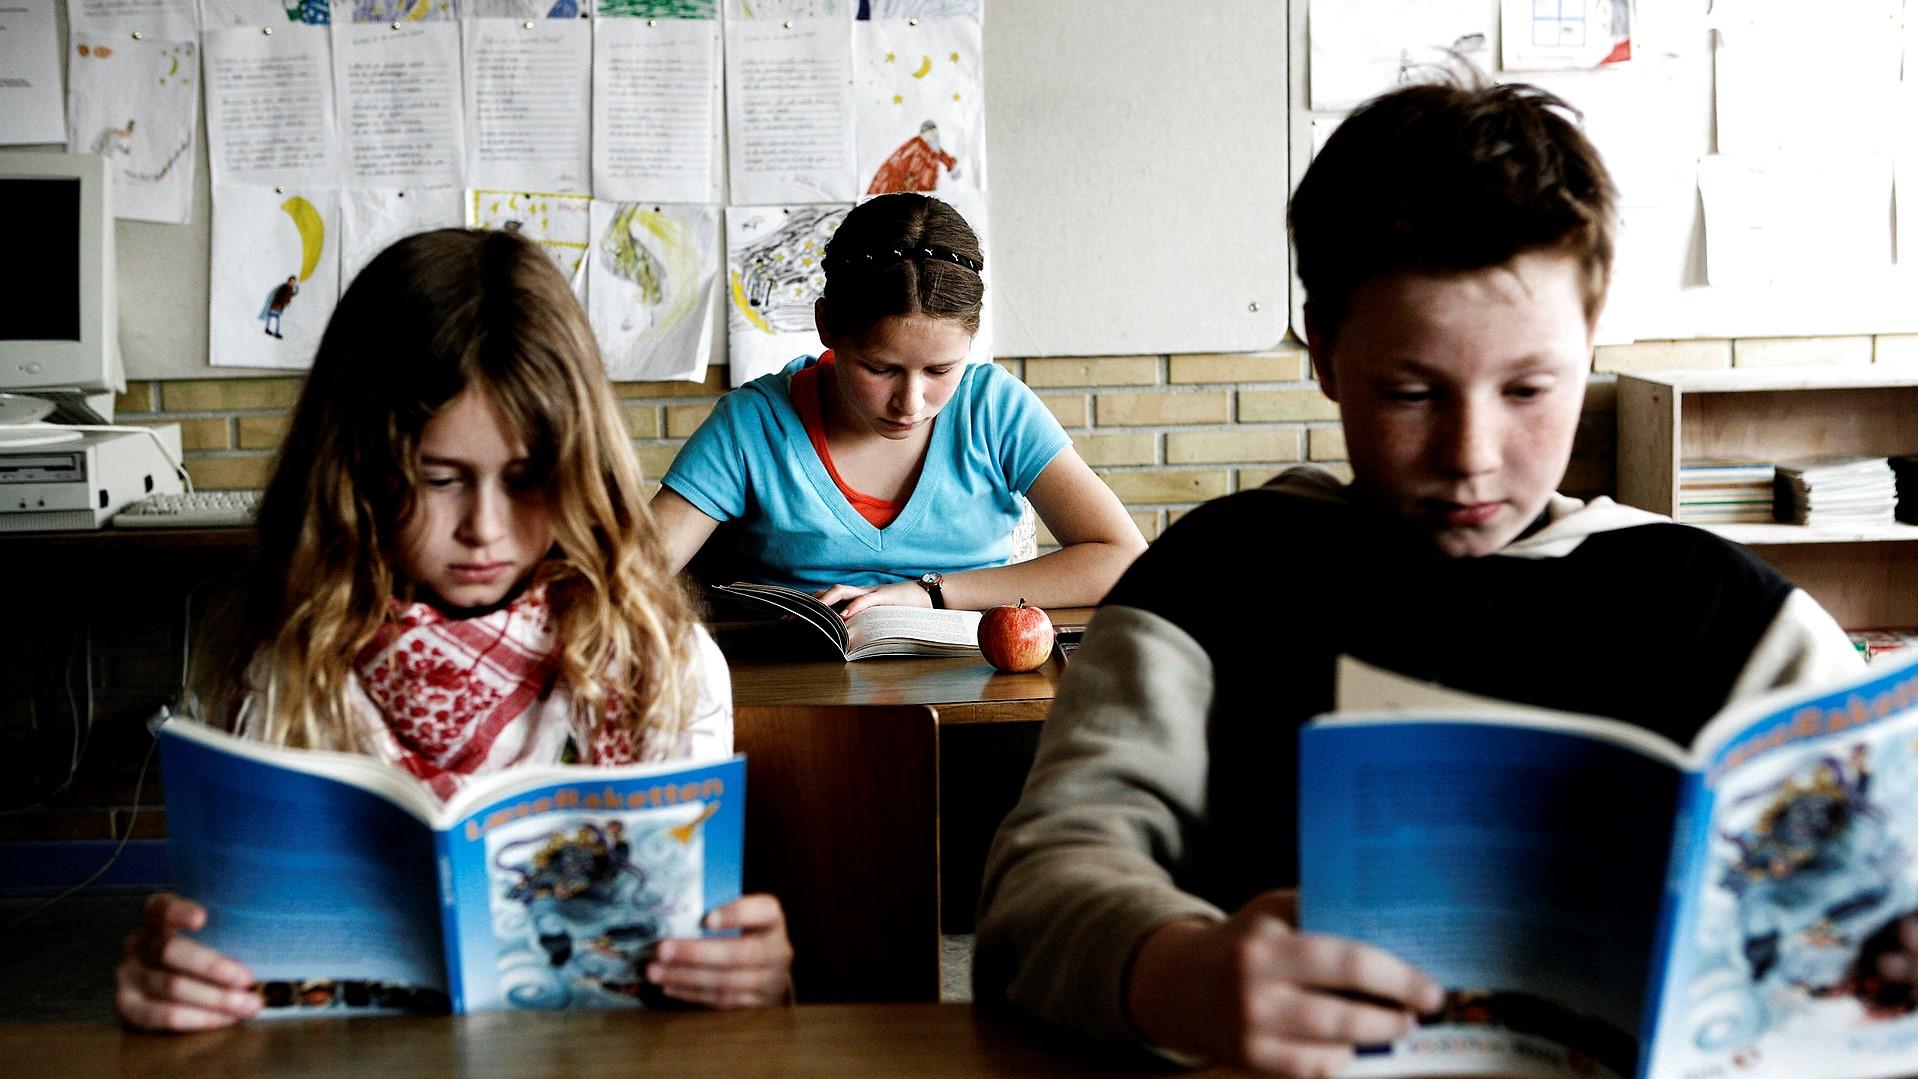 Ingegerd Jenner Løth: Læseskandalen i folkeskolen skyldes 20 års fejlslagen skolepolitik